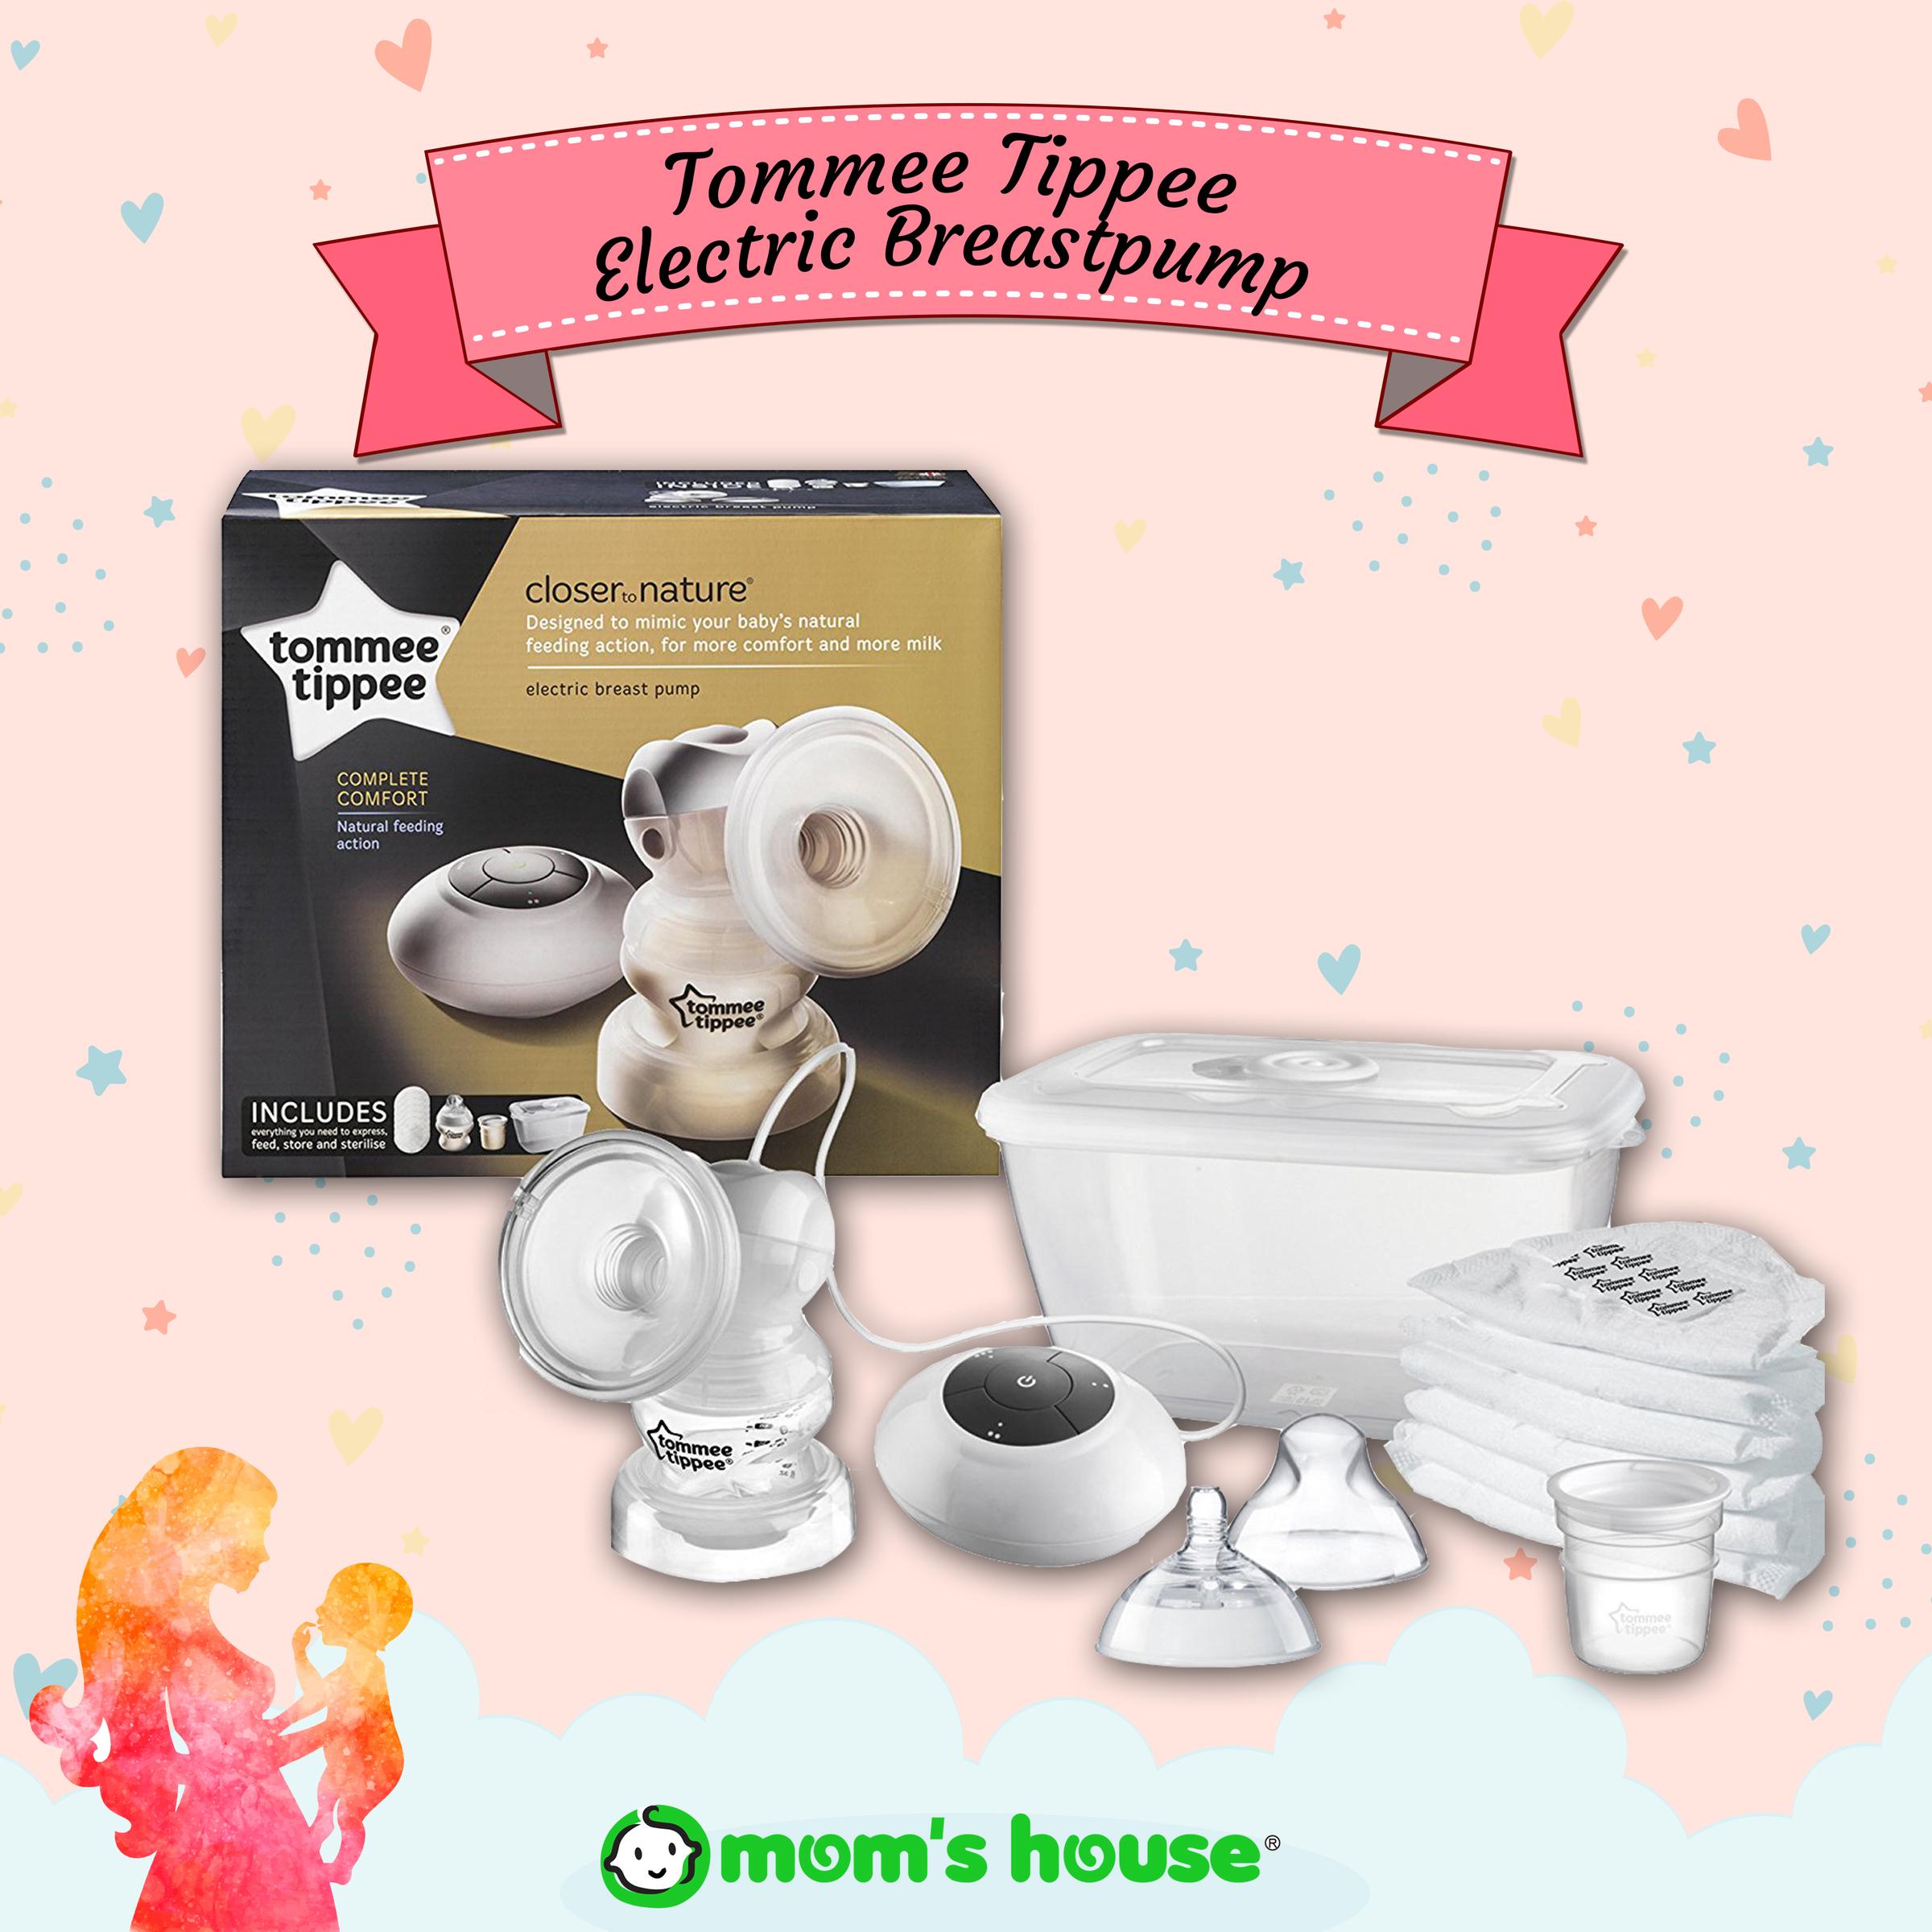 template BP TOMMEE TIPPEE.jpg